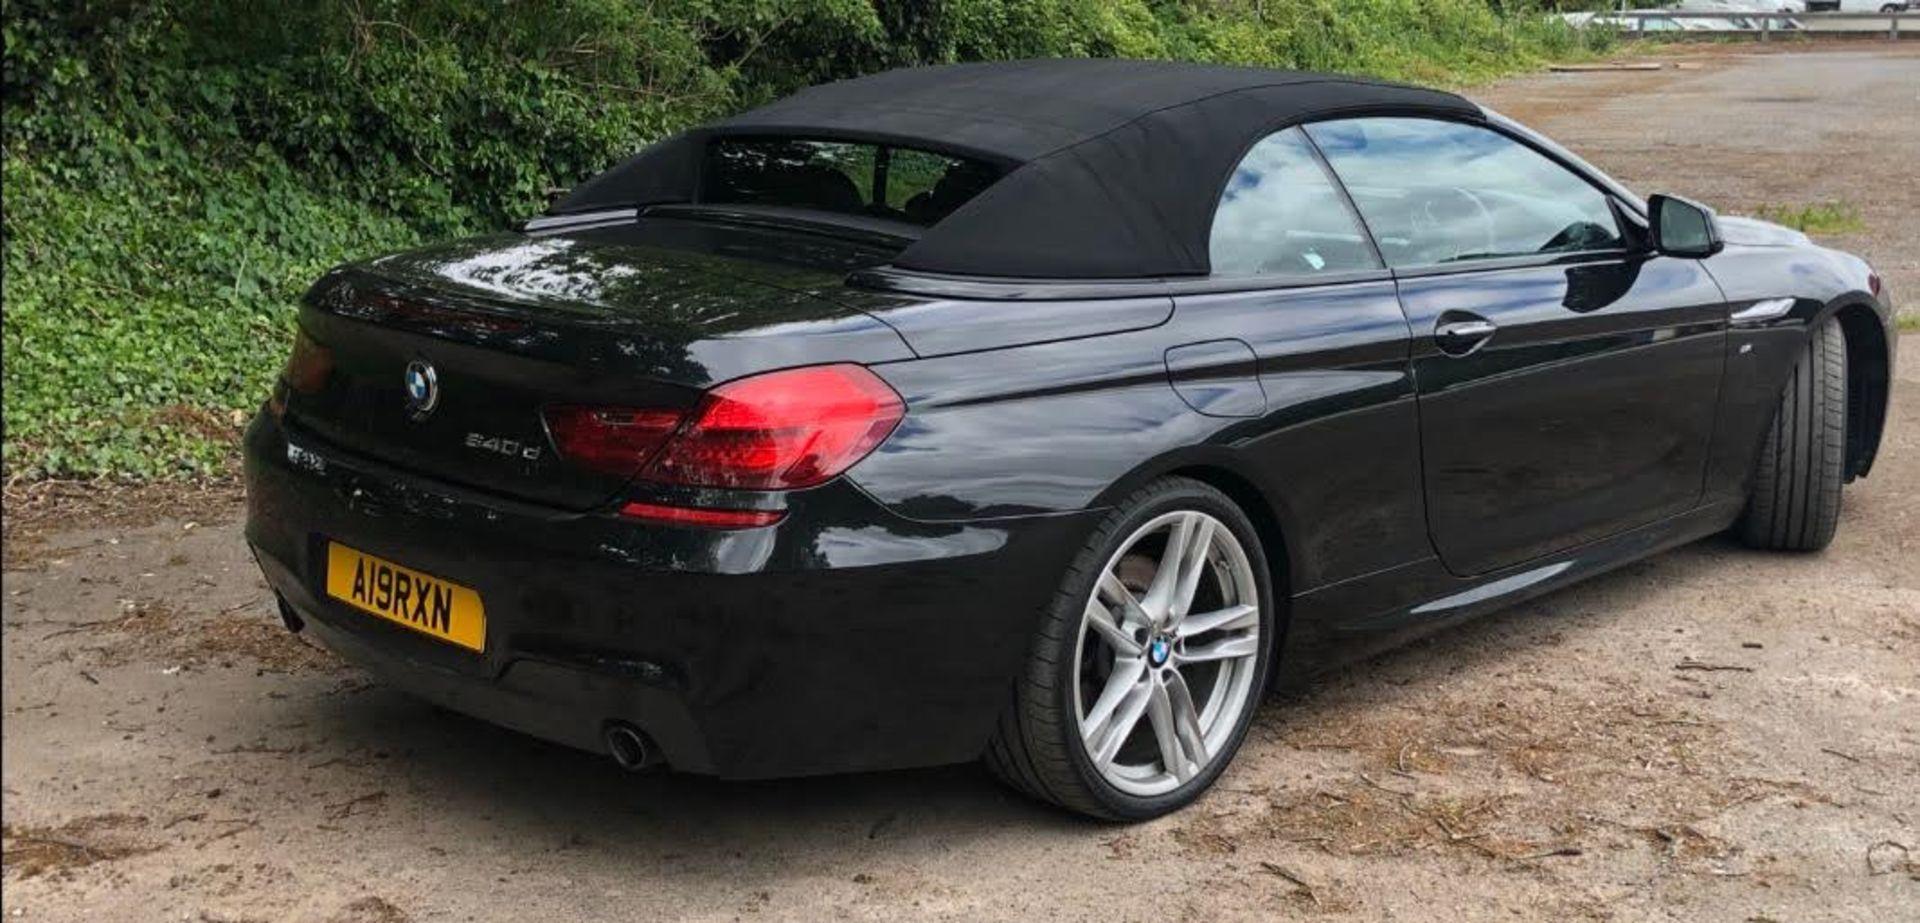 2014/14 REG BMW 640D M SPORT AUTOMATIC 3.0 DIESEL BLACK CONVERTIBLE *NO VAT* - Image 7 of 17